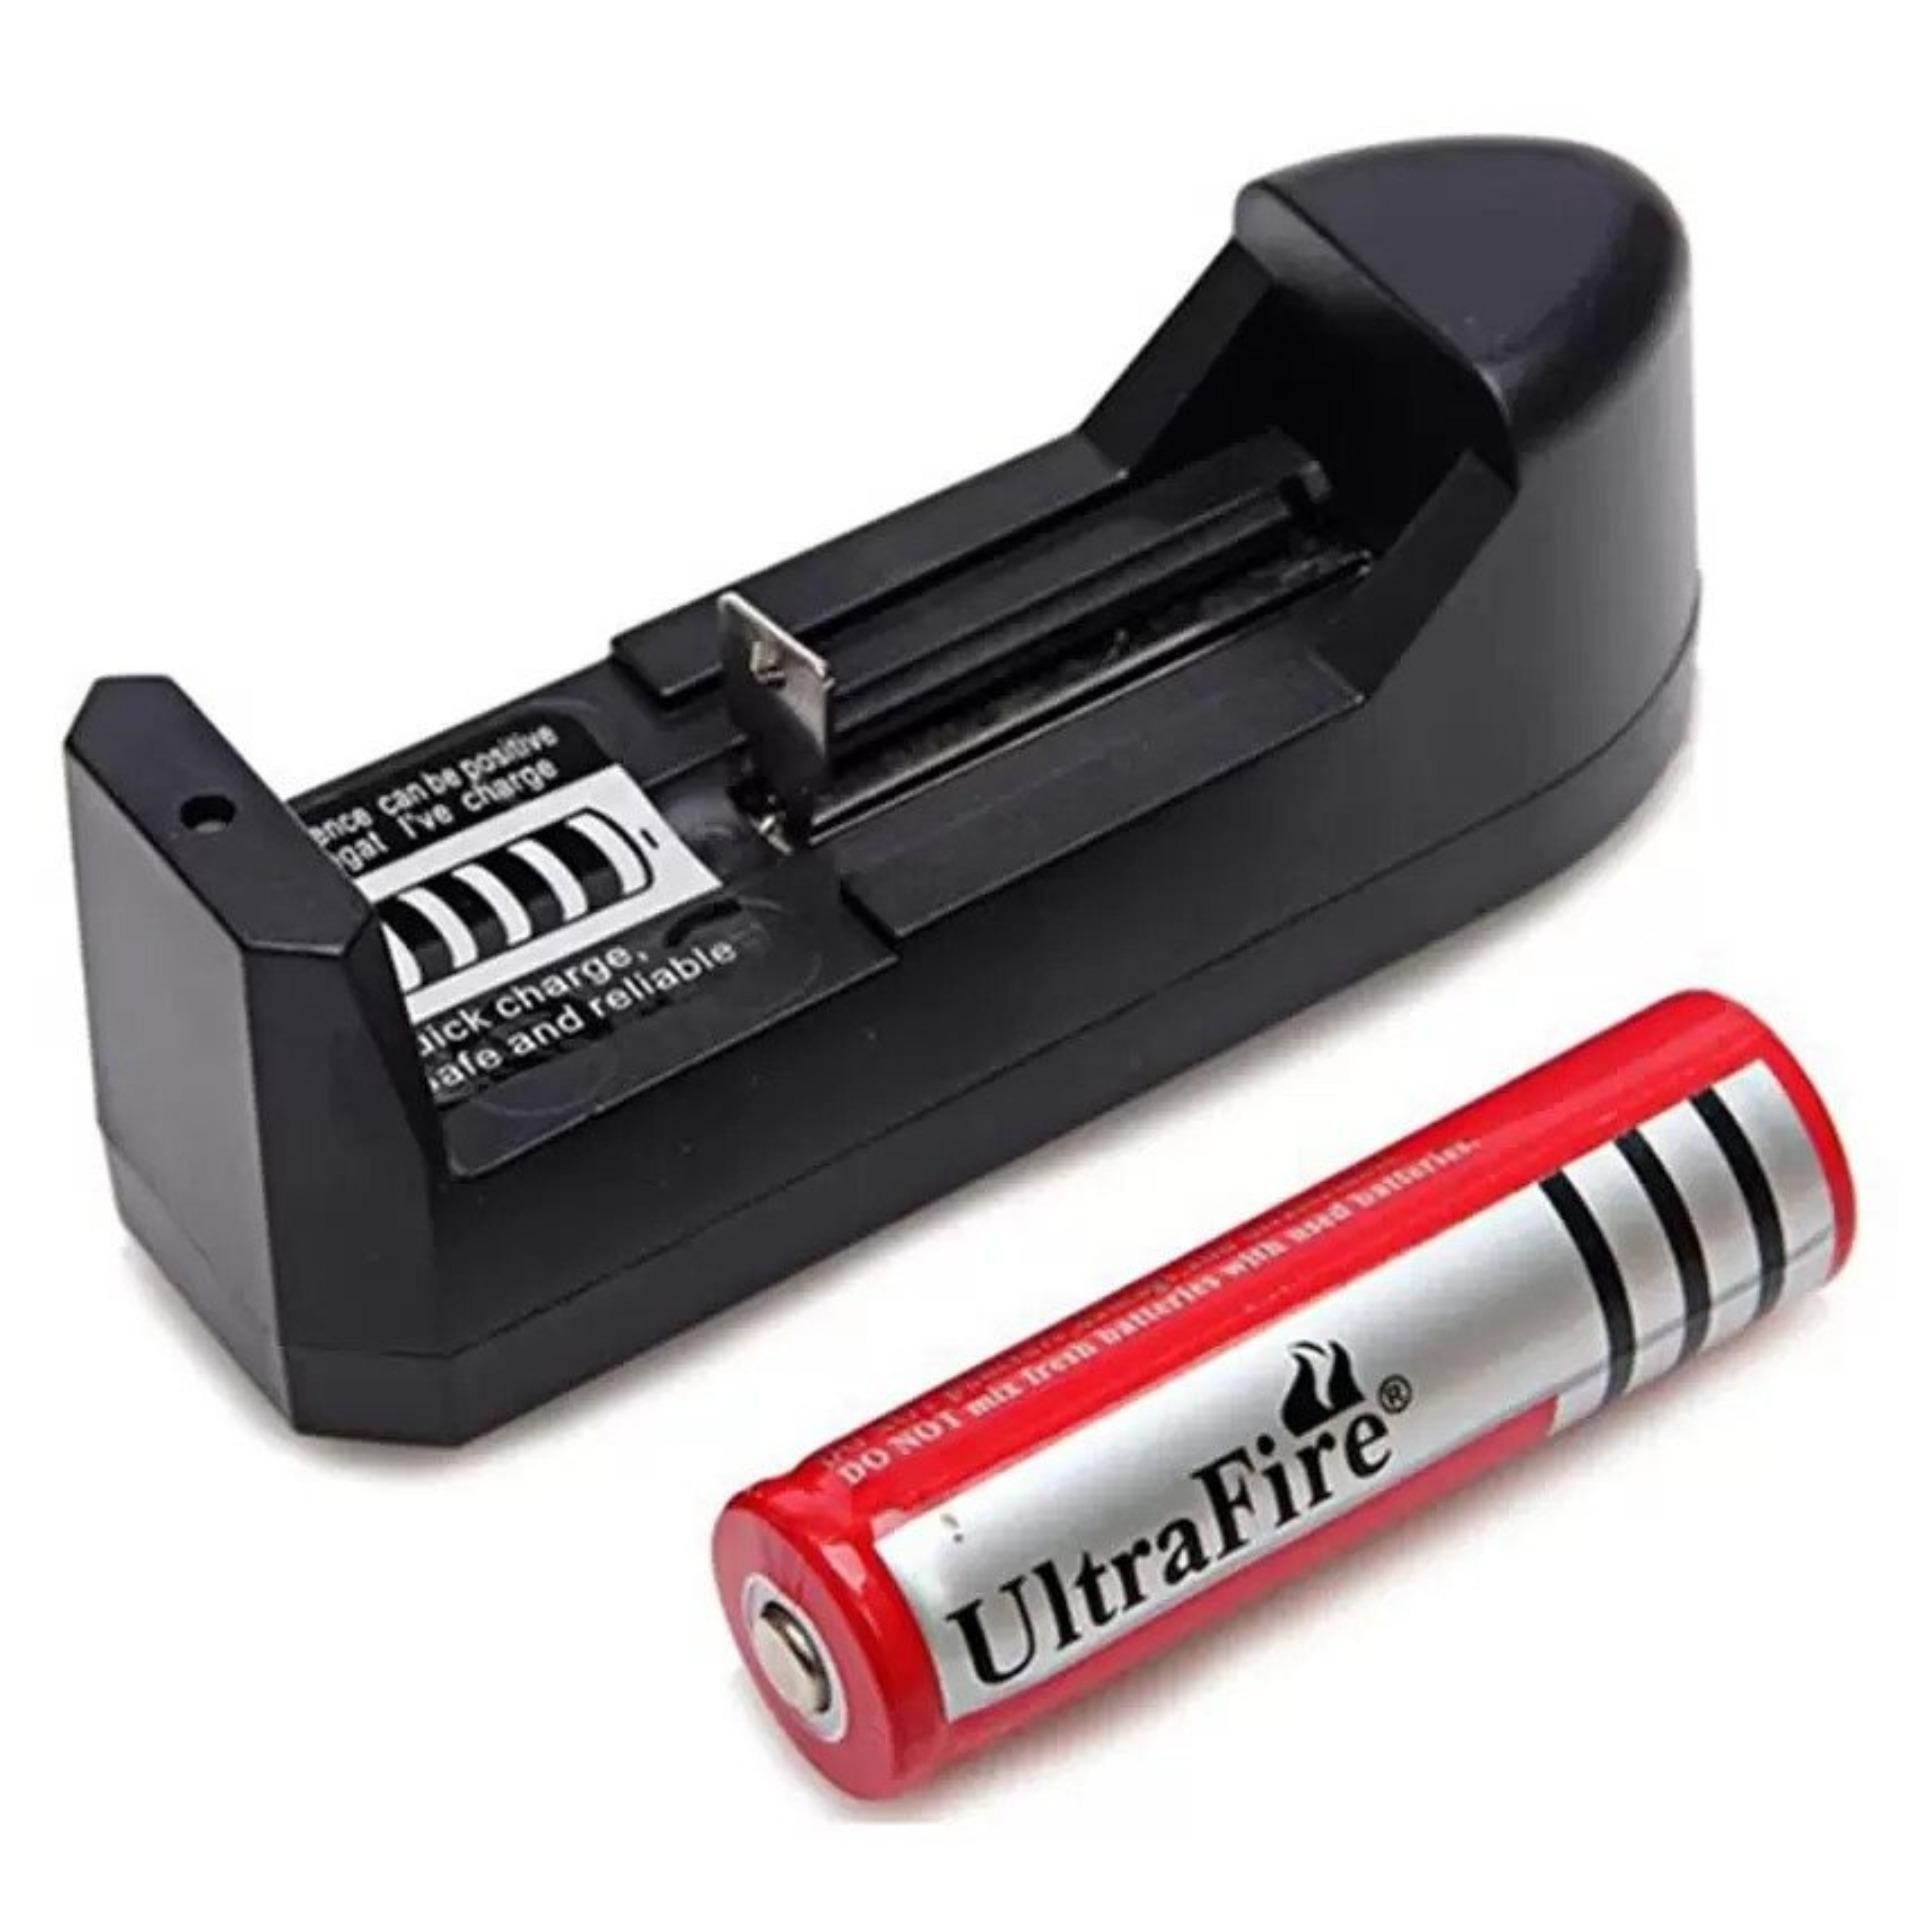 Đèn pin Laser Laze MV – 303 (Đen) tặng pin sạc và sạc